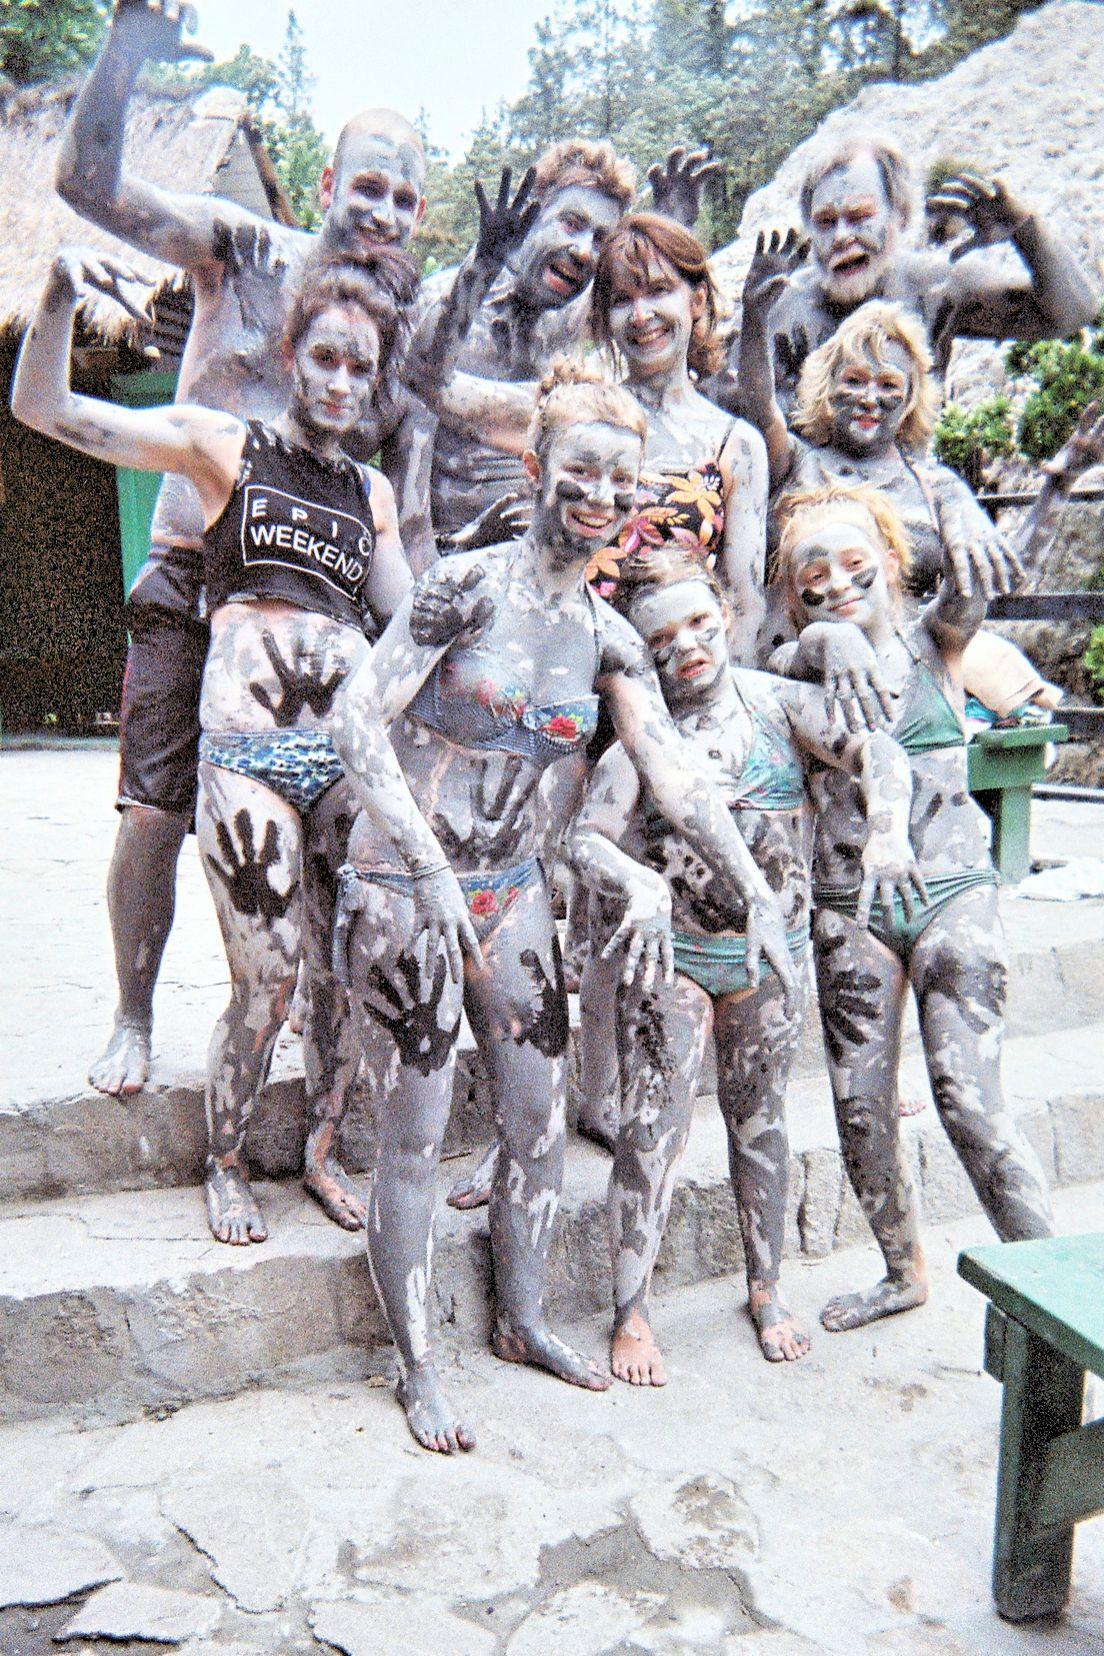 The mud bath gang